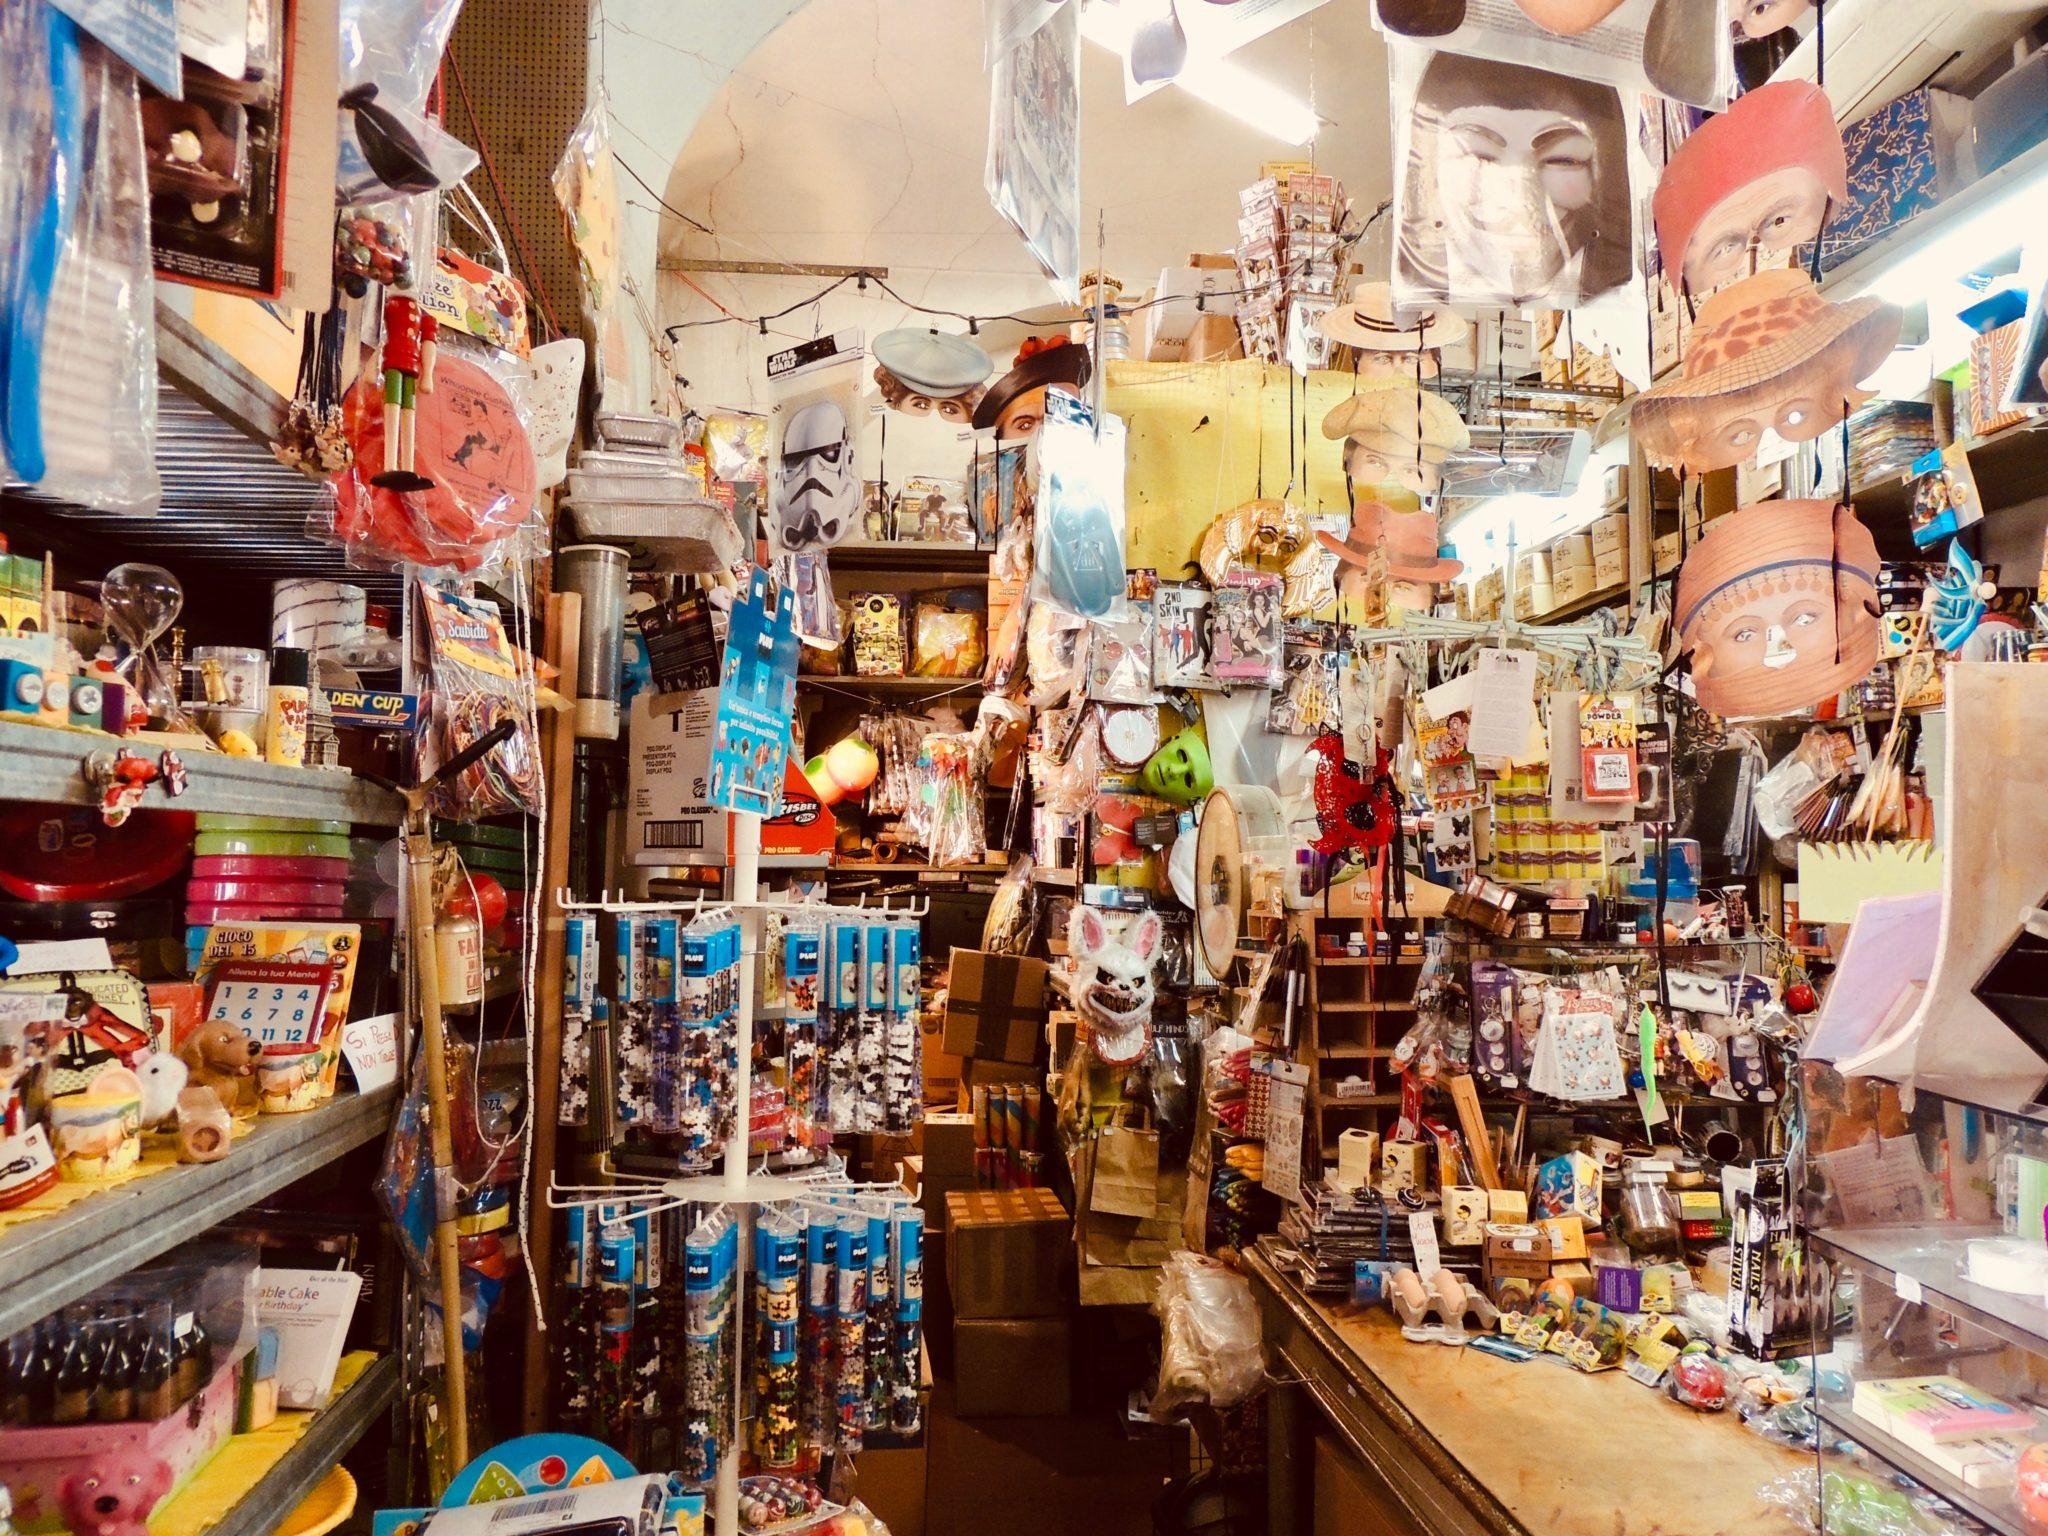 Nato nel 1938 come rivendita di carta e corda da imballo, il Bazar Bonino oggi è una bottega ferma nel tempo, del Paese dei Balocchi